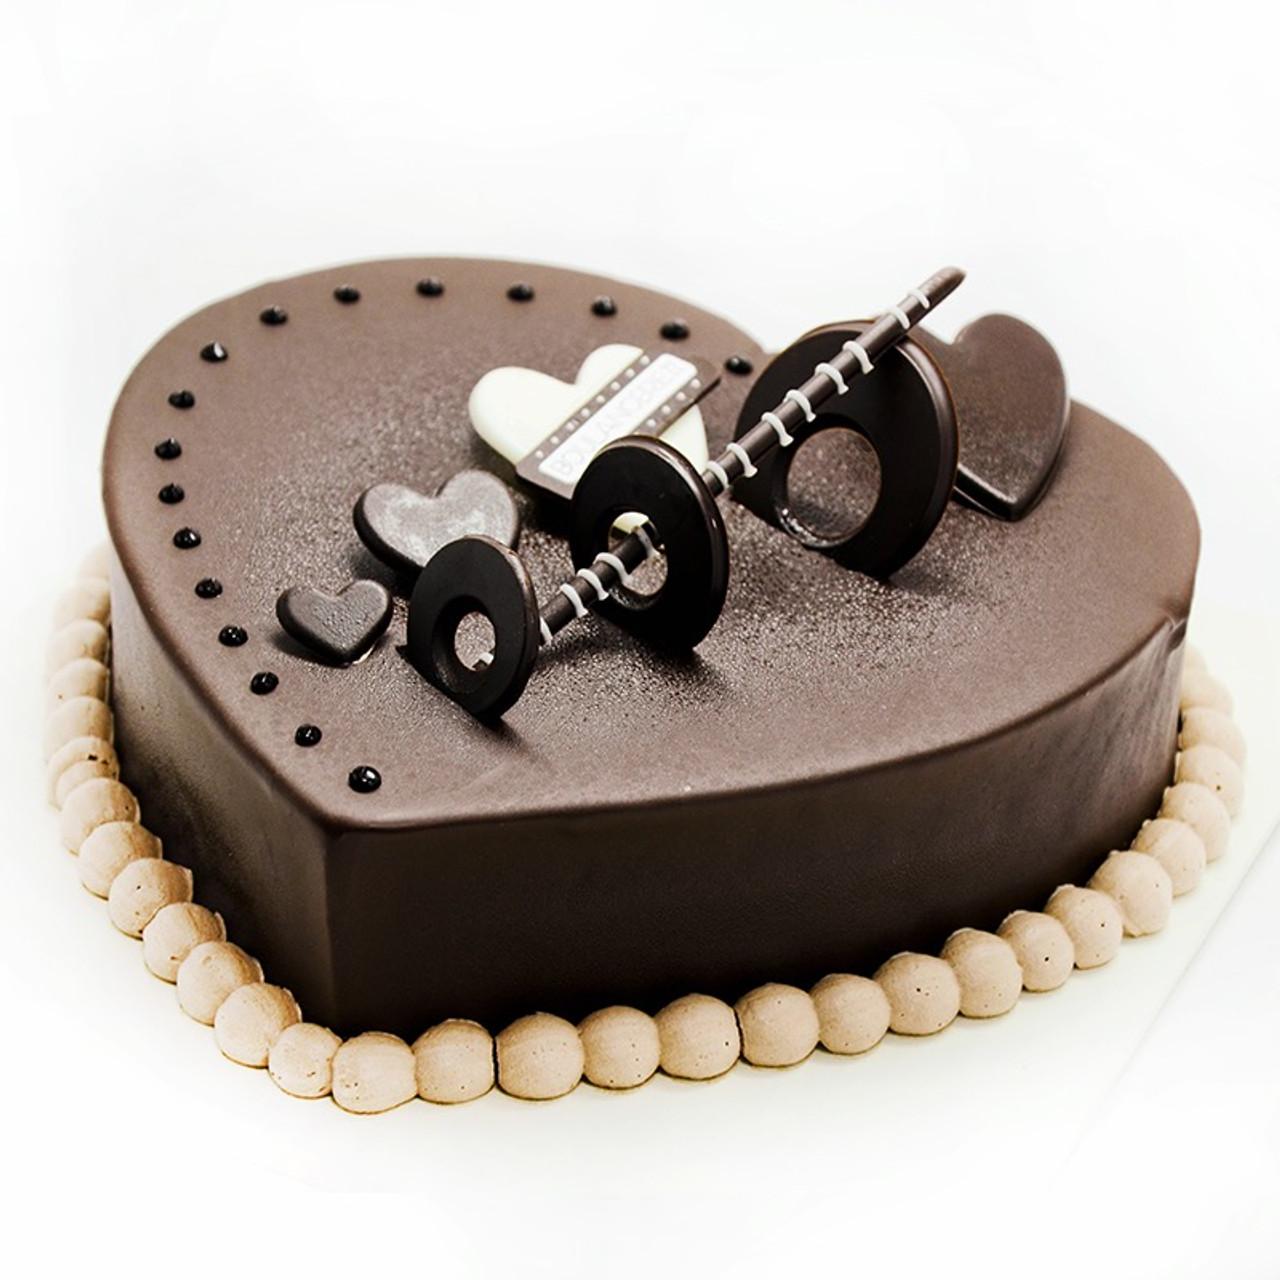 Dark Chocolate Heart Cake